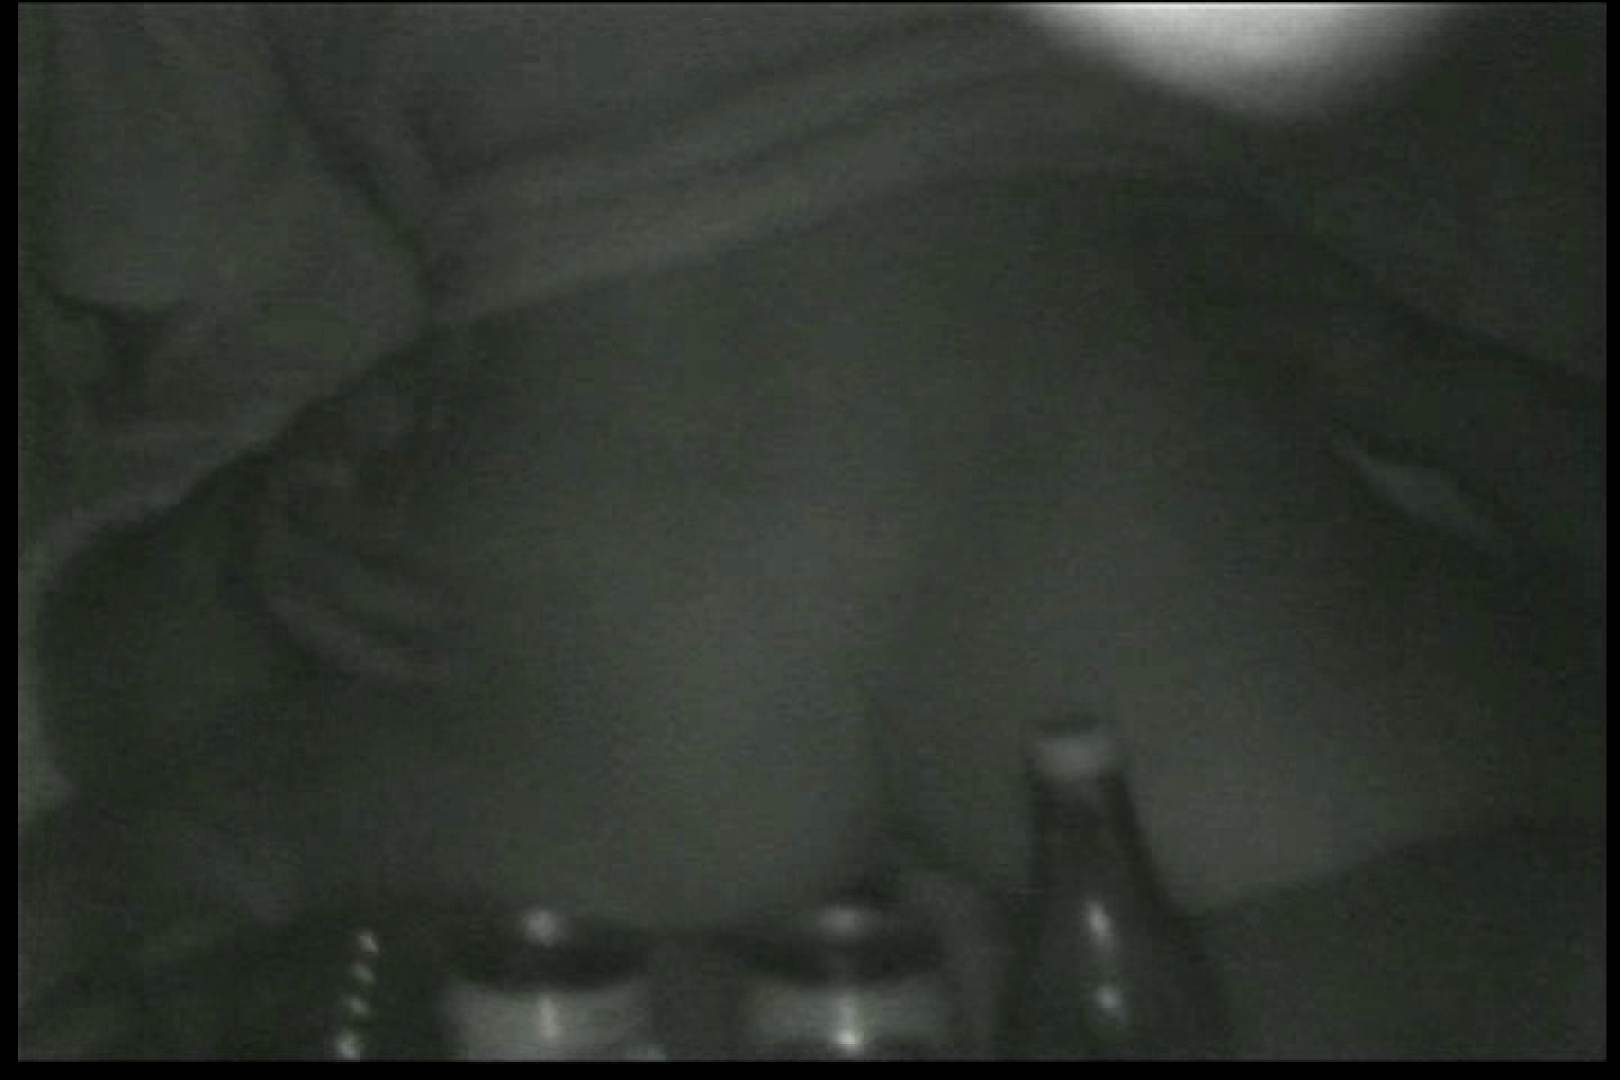 車の中はラブホテル 無修正版  Vol.12 赤外線 オメコ動画キャプチャ 109連発 109